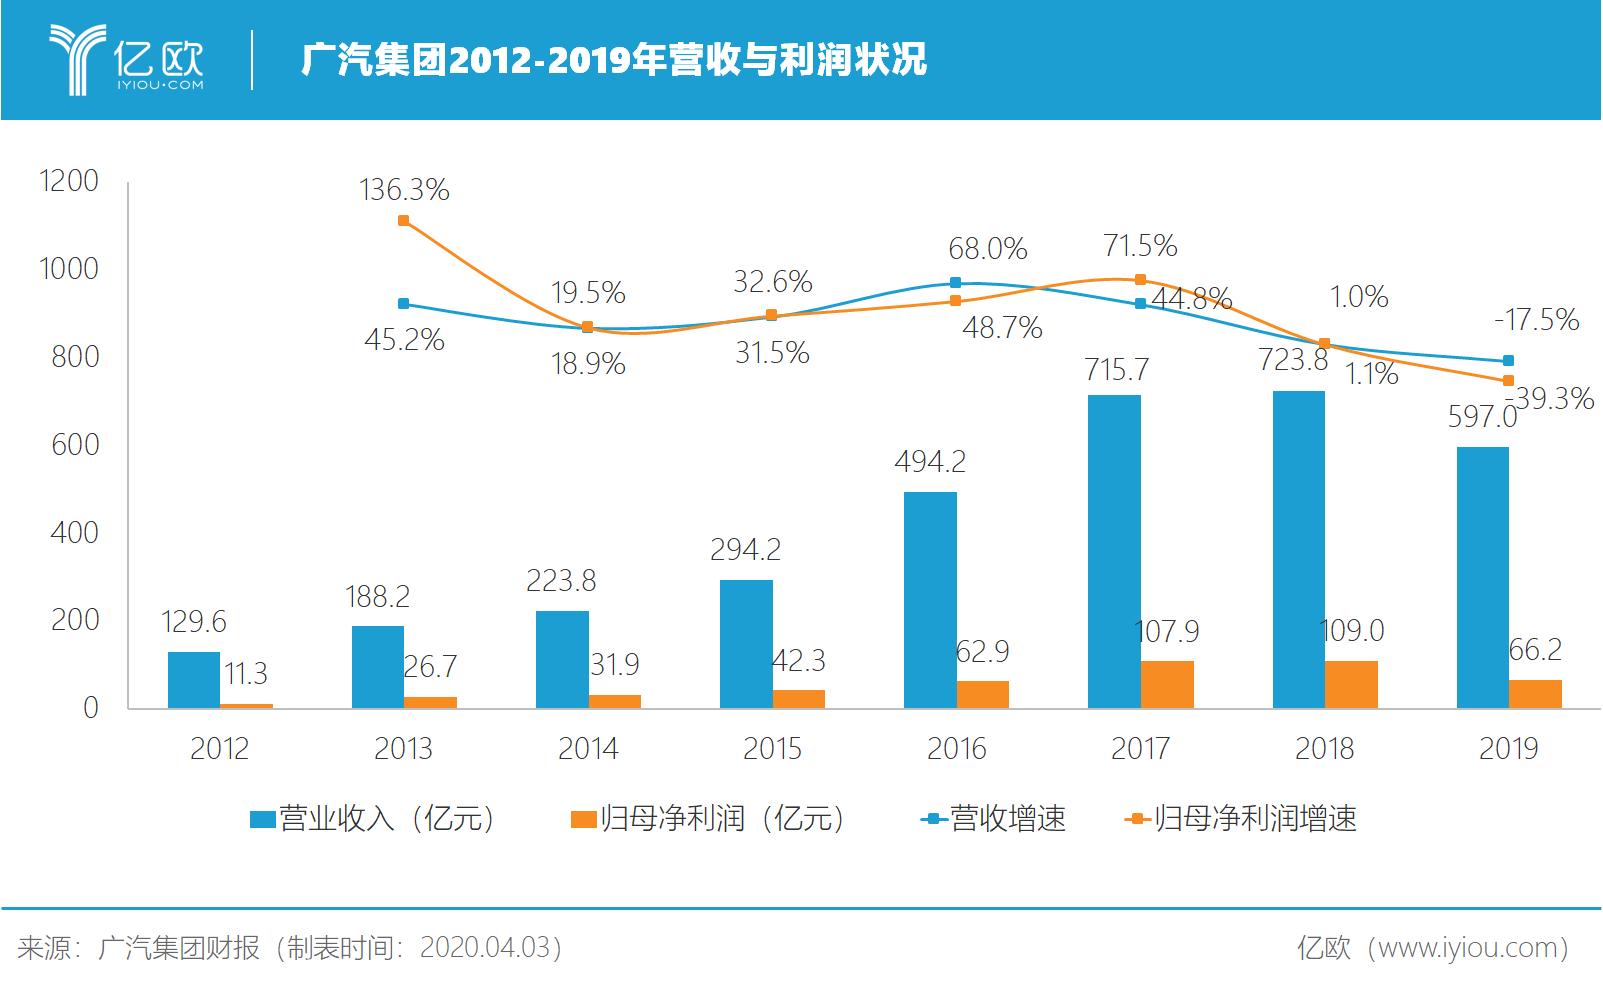 广汽集团2012-2019年营收与收好状况